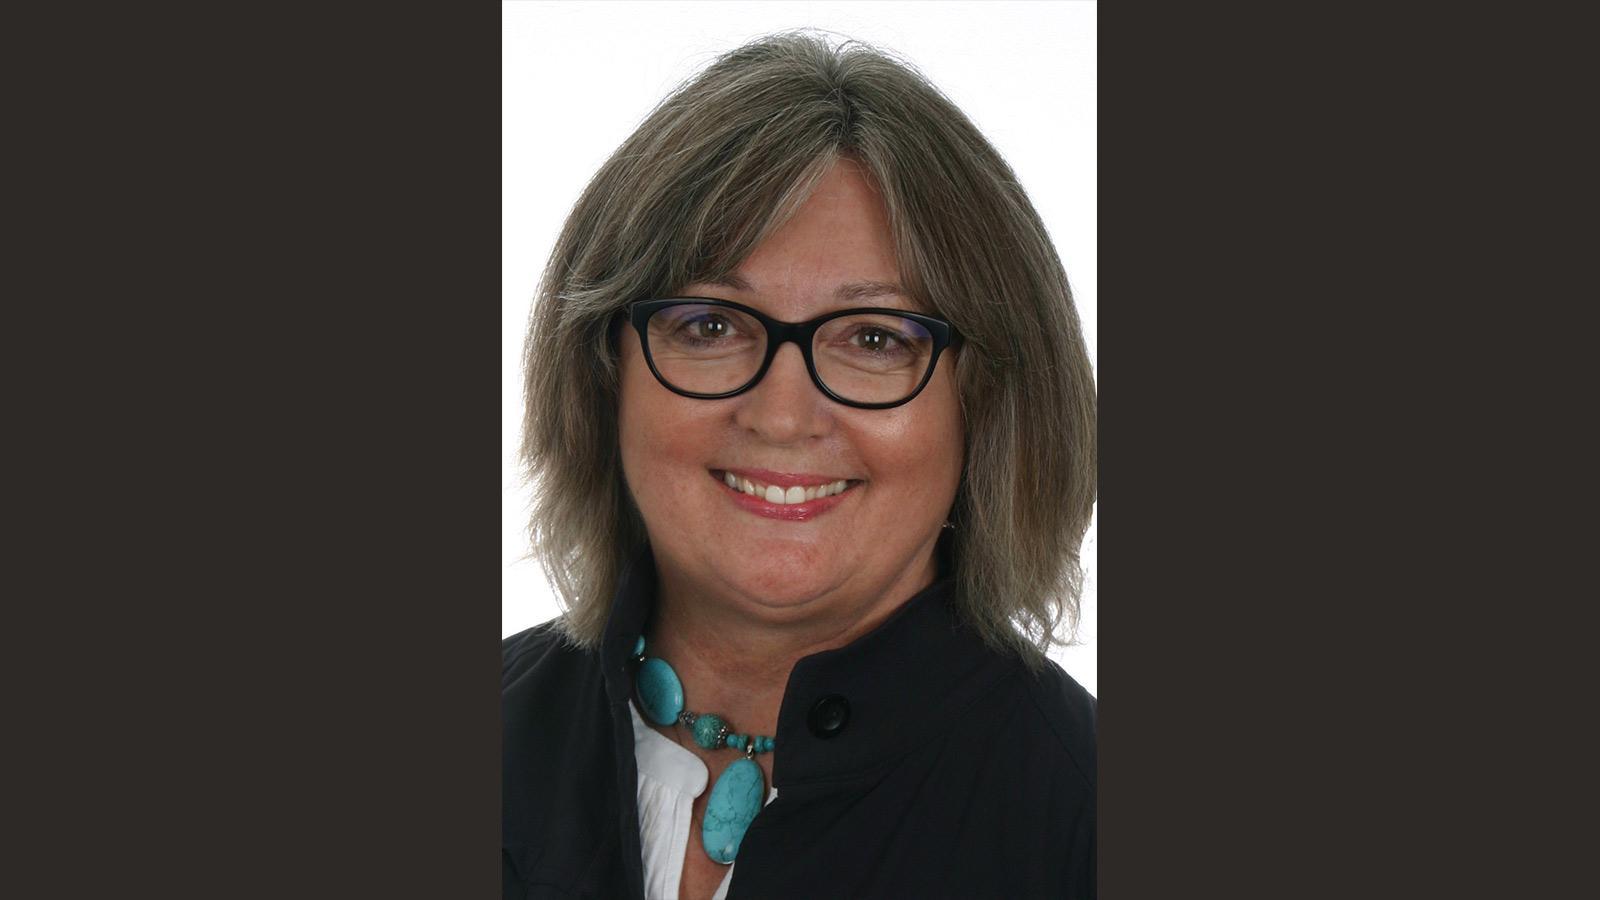 Pam Mickelson headshot